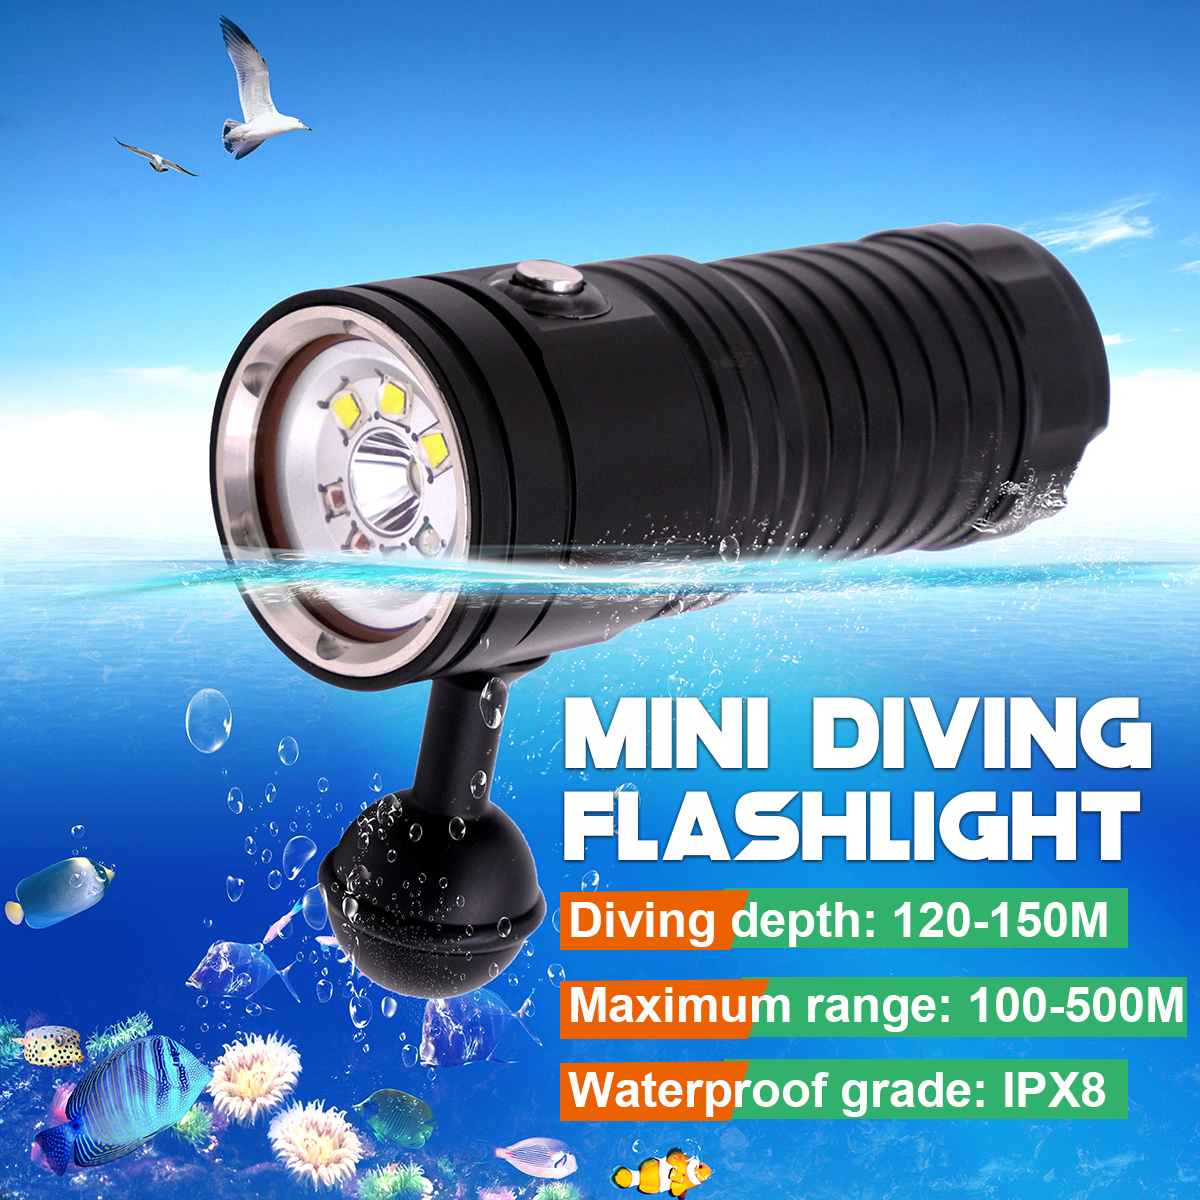 L2 V6 LED lampe de poche de plongée Mini 4000 Lumens 150 m torche de plongée sous-marine lumière UV lampe de poche de plongée lampe de recharge photographique